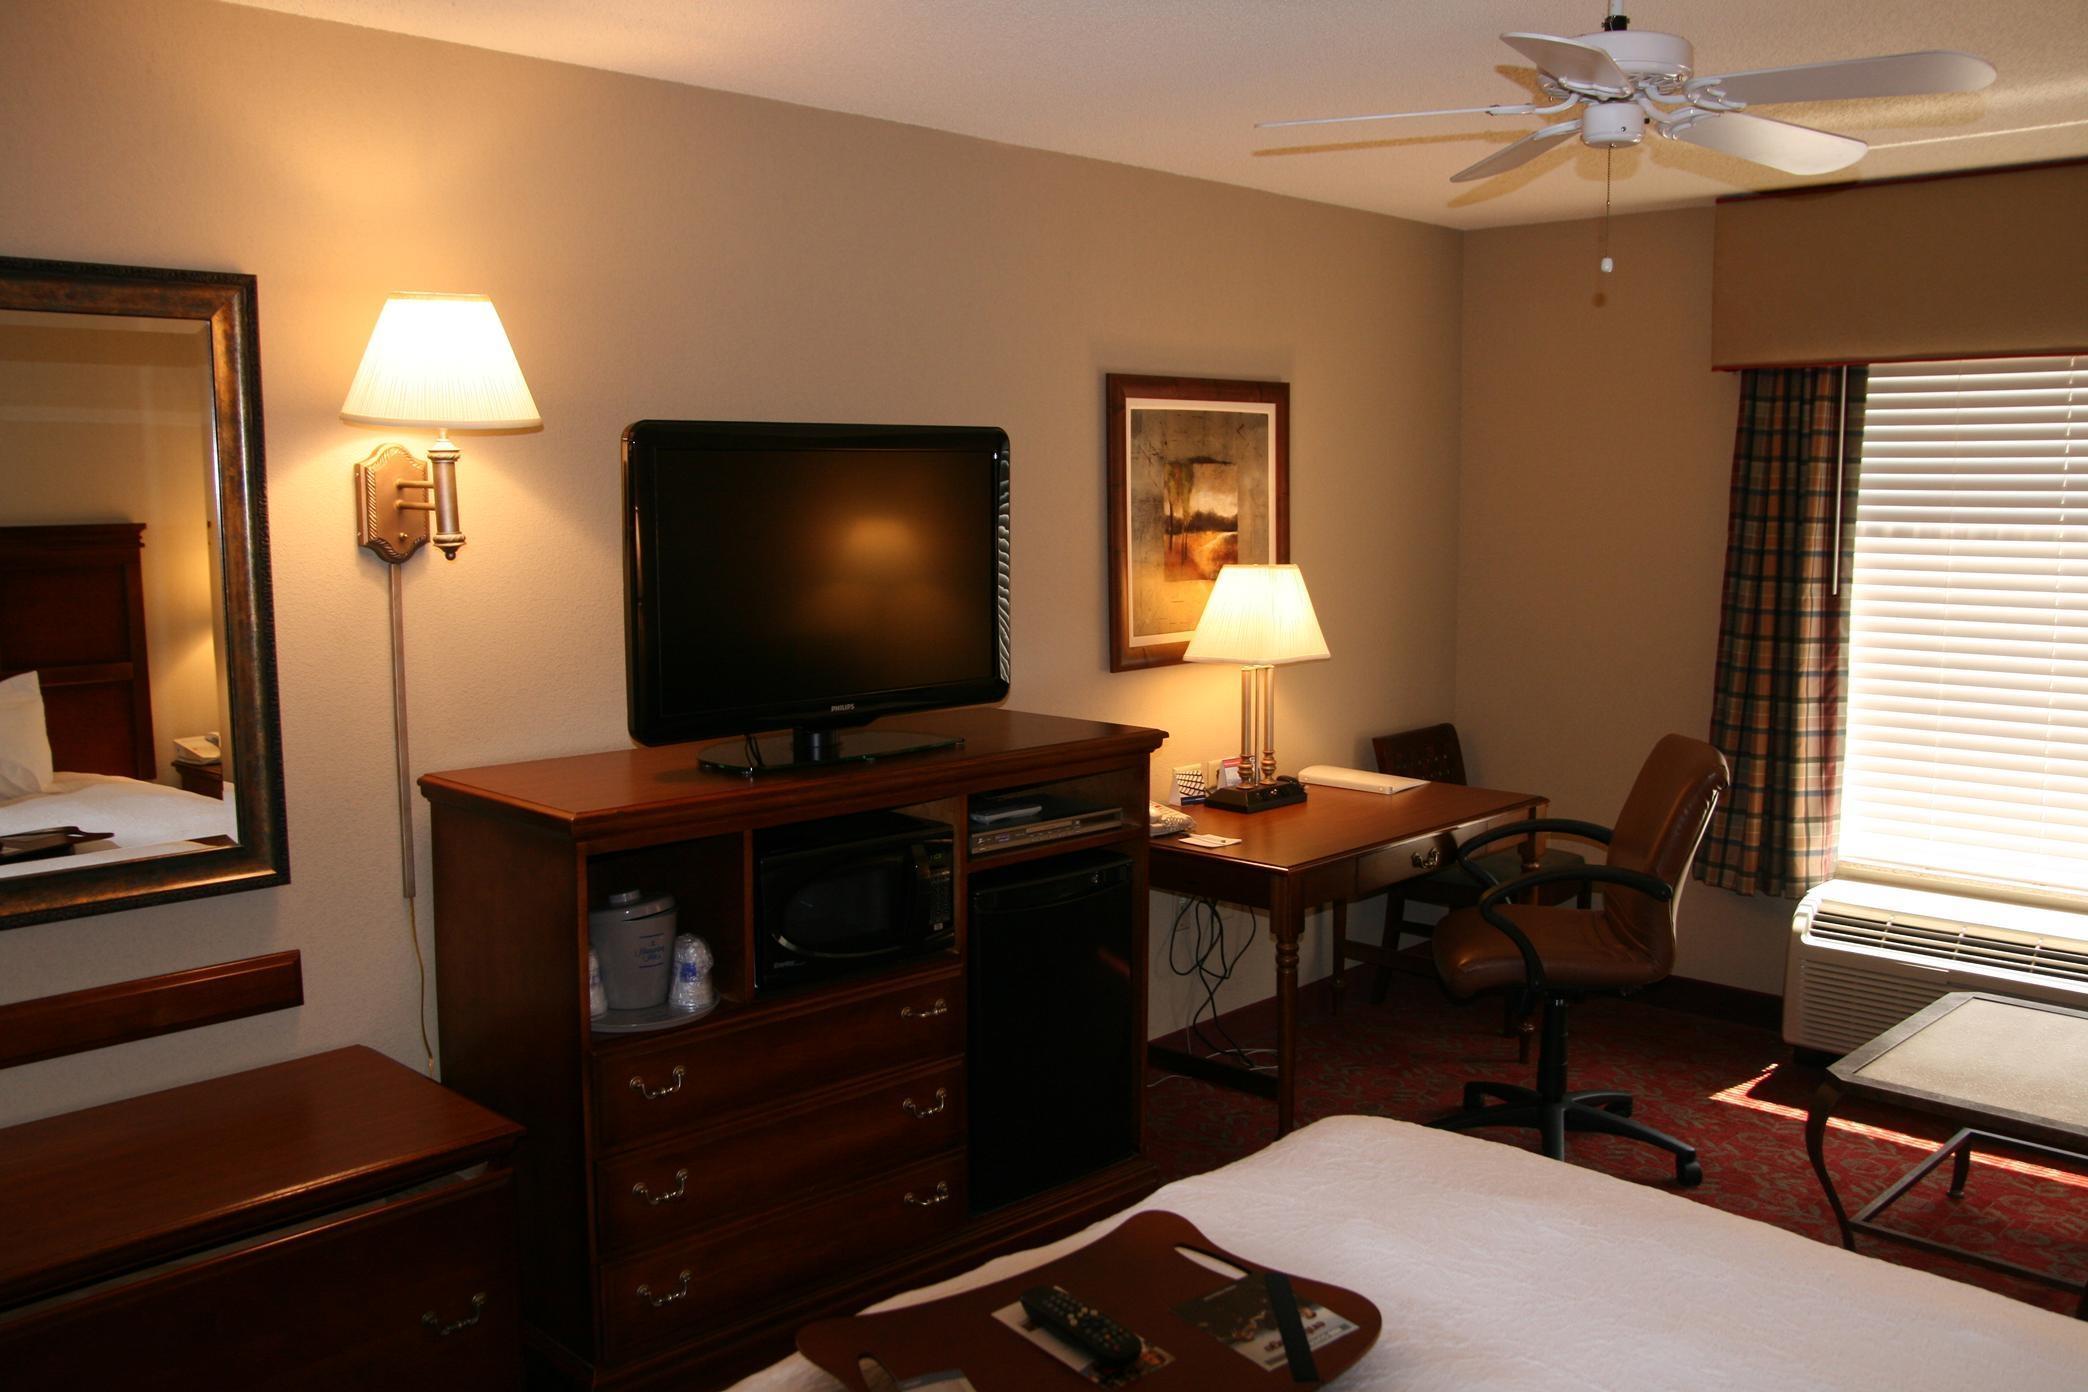 King Study Room